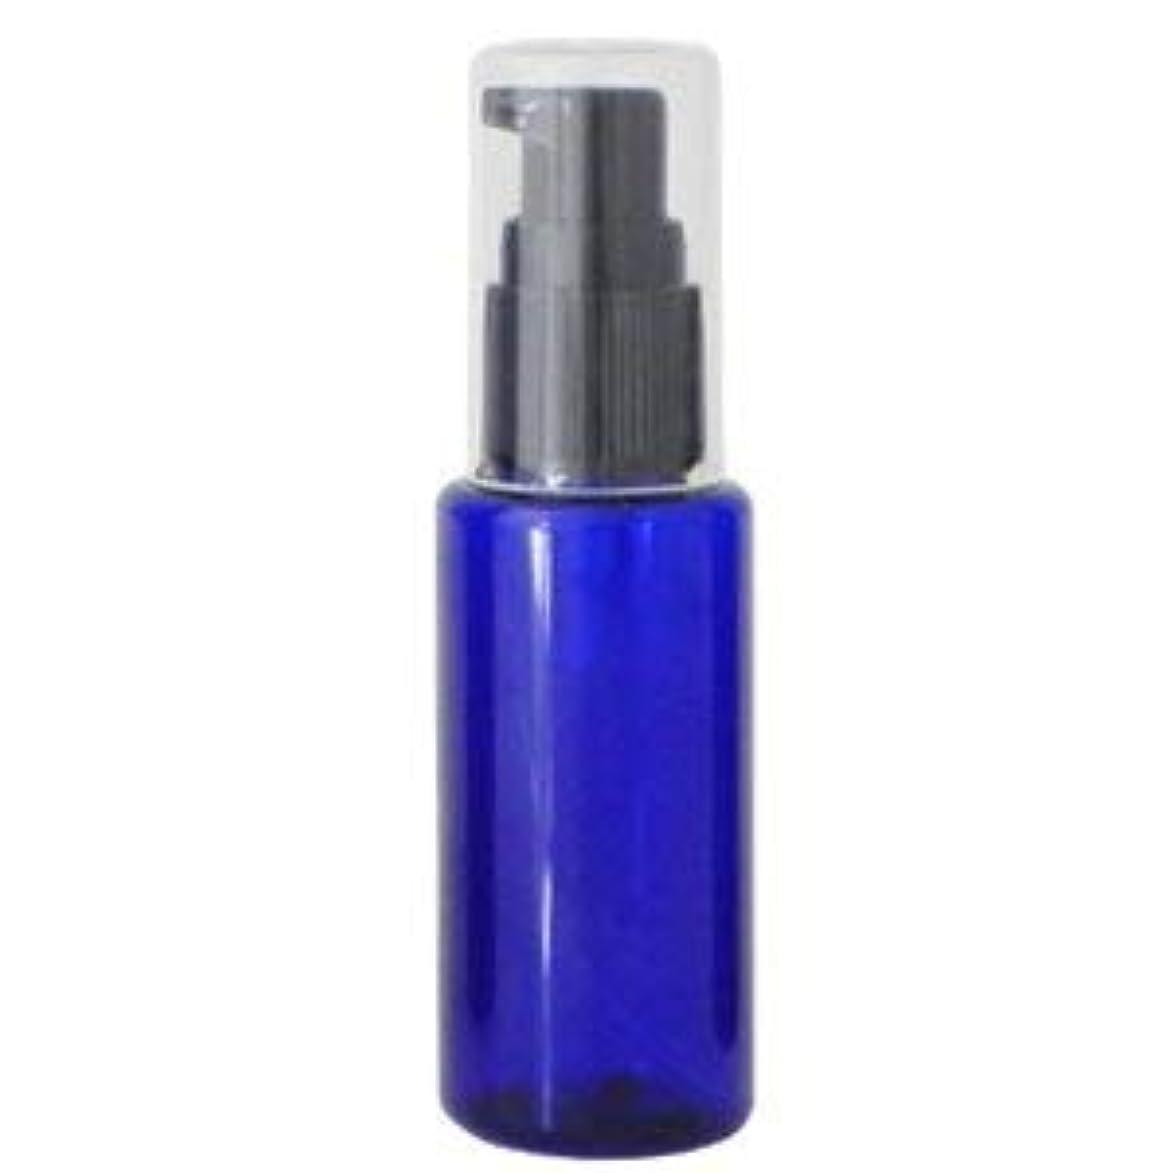 イタリック規制絶望PETボトル ポンプ コバルトブルー 青 50ml